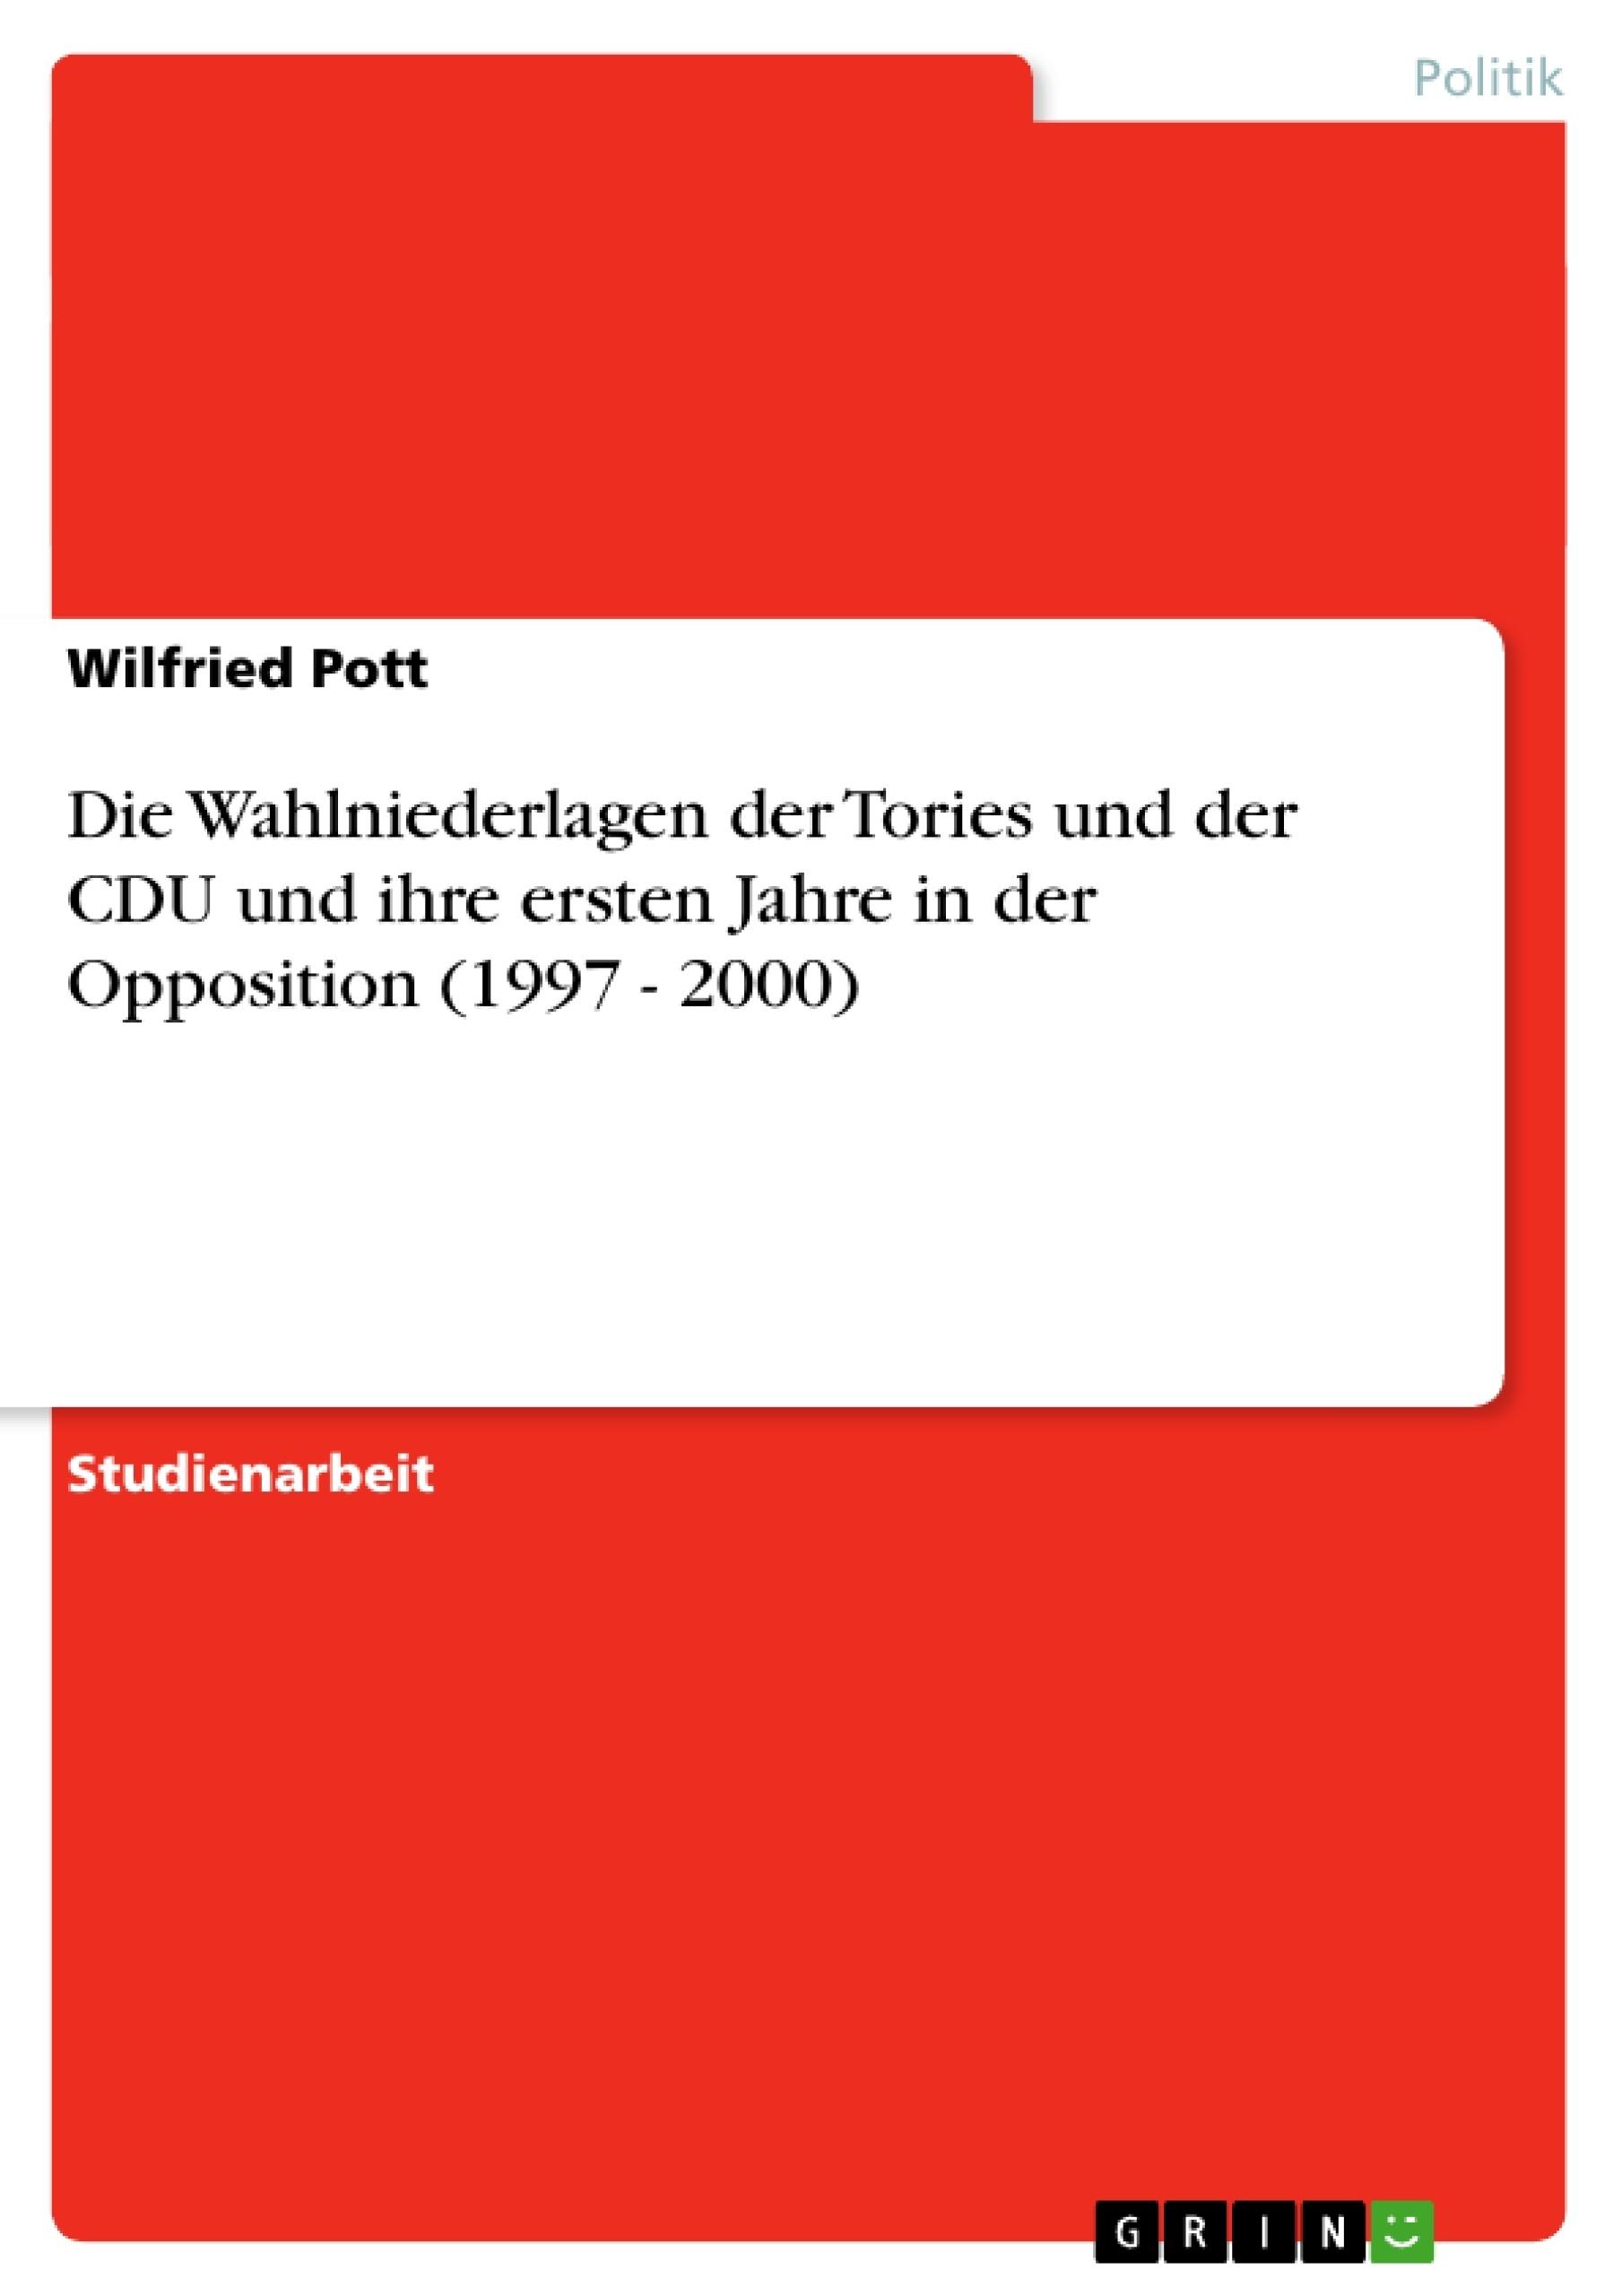 Titel: Die Wahlniederlagen der Tories und der CDU und ihre ersten Jahre in der Opposition (1997 - 2000)